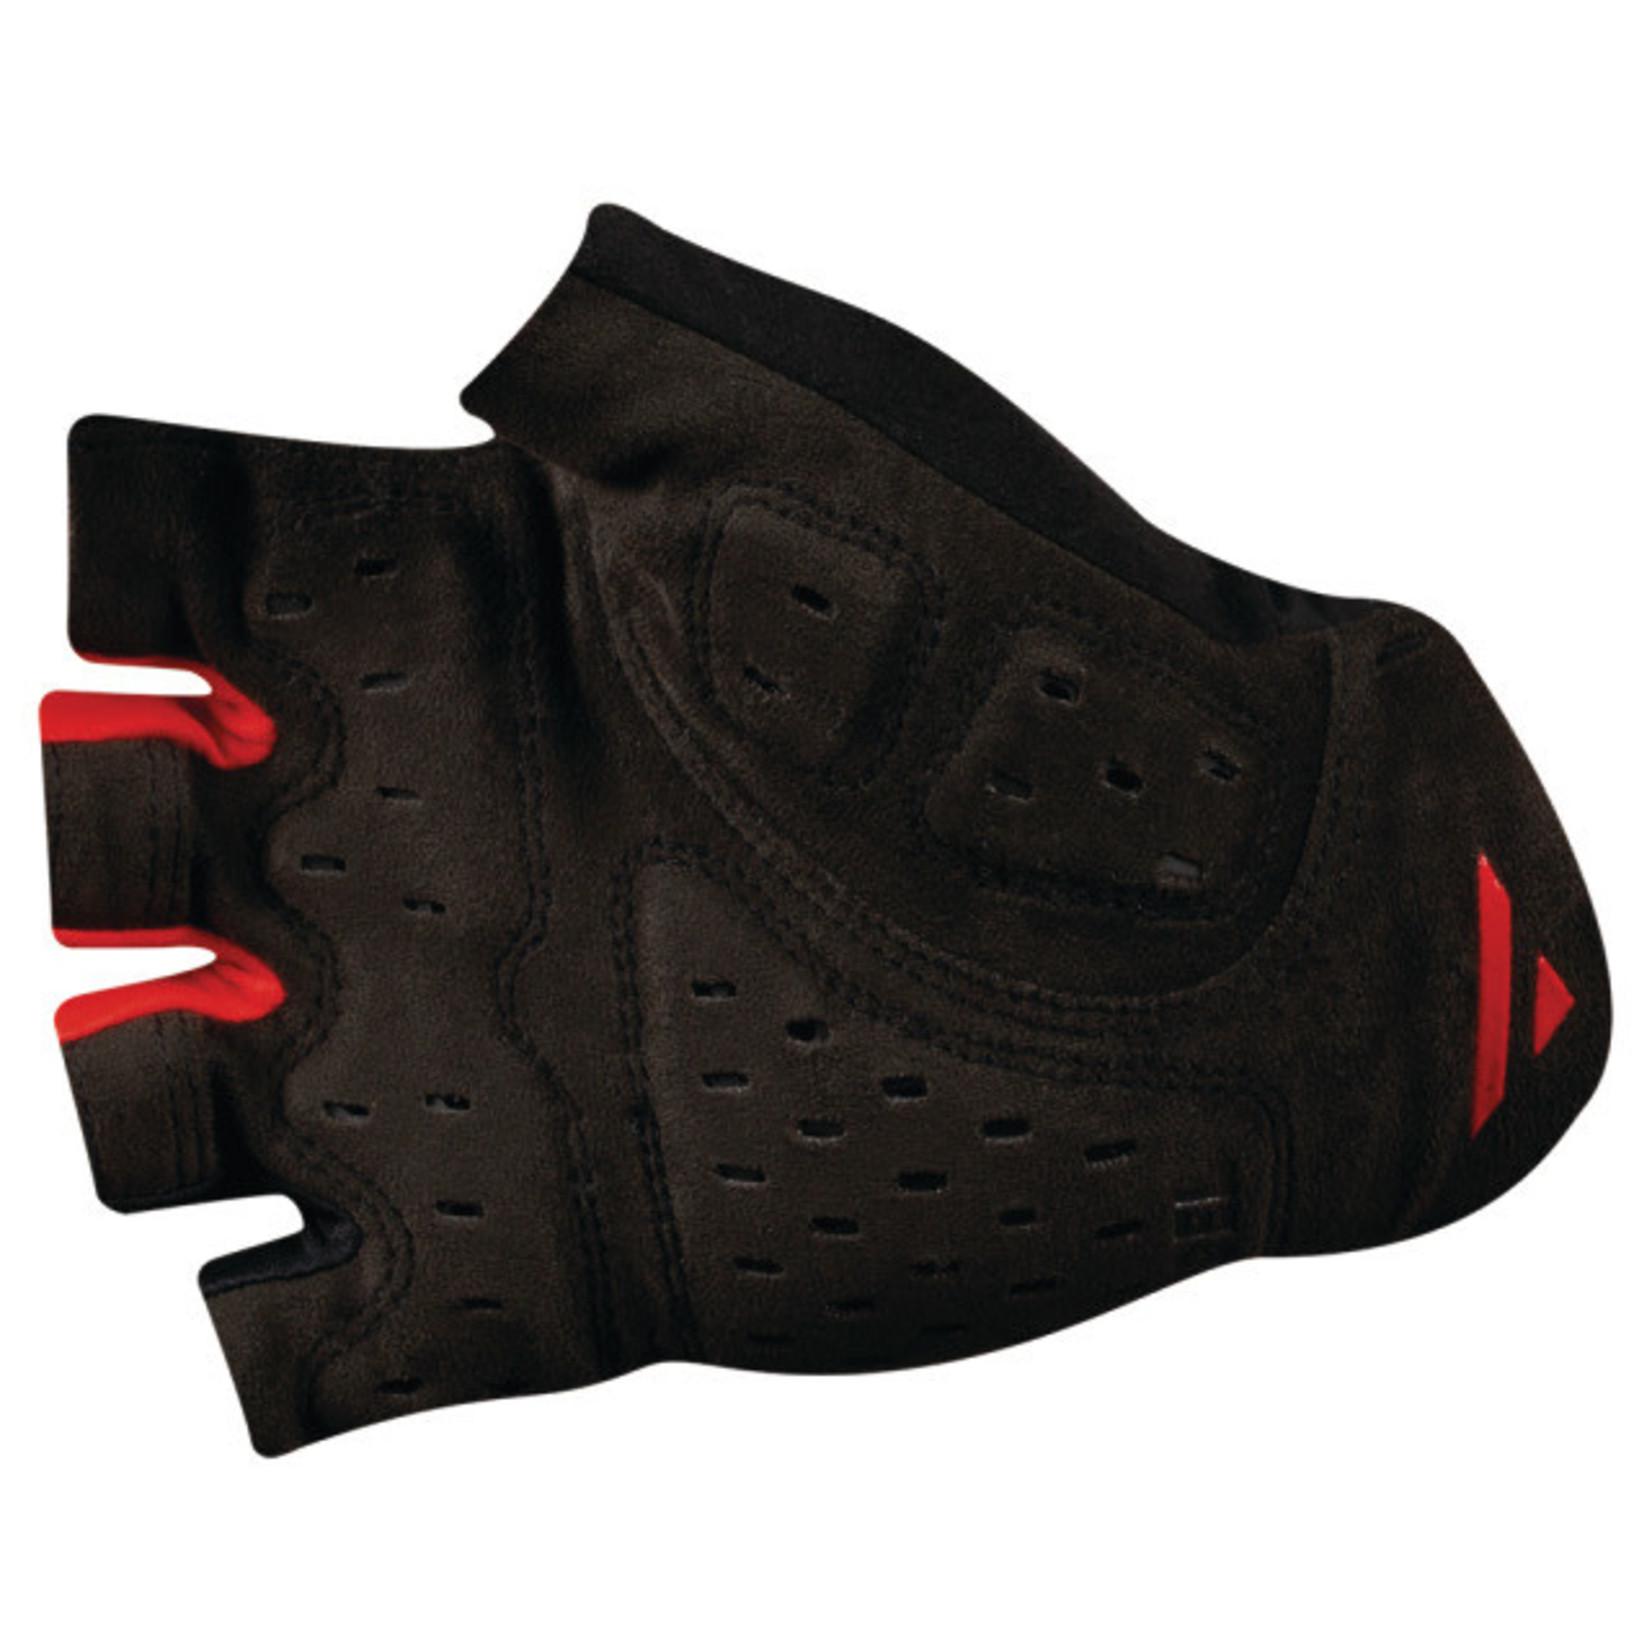 100% PEARL iZUMi ELITE gel Handschuhe torch red